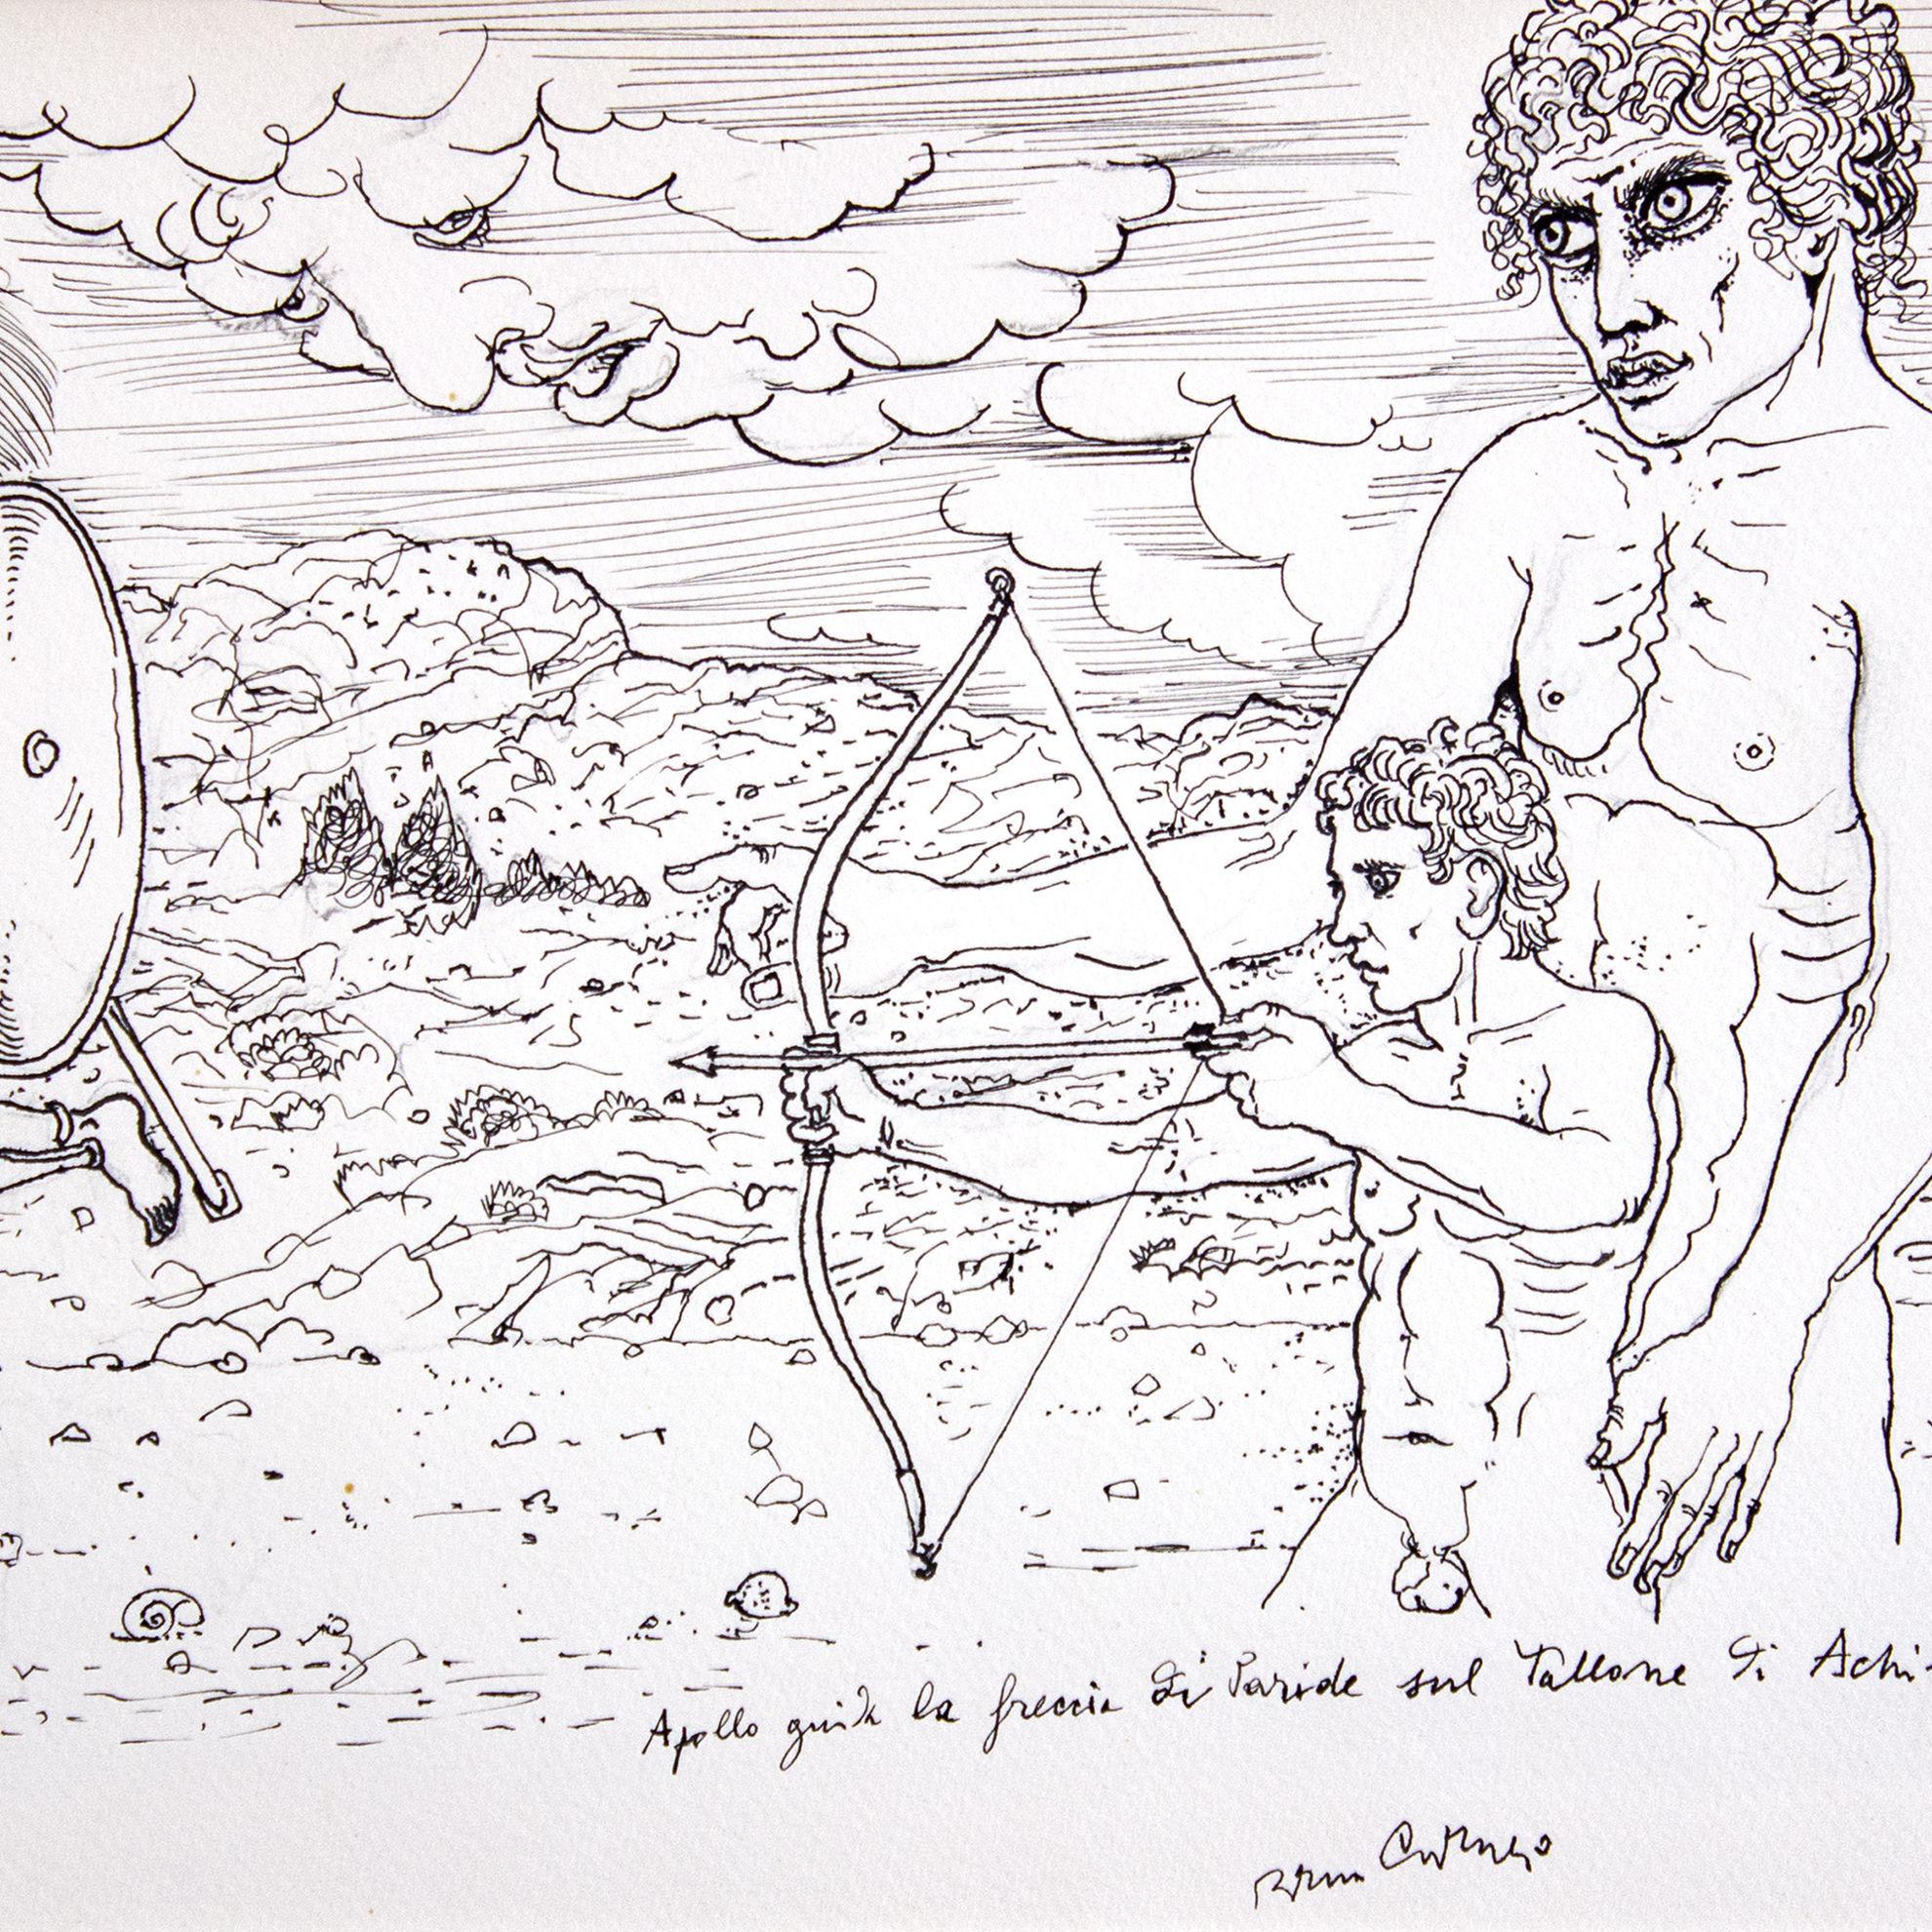 Immagine di Apollo guida la freccia di Paride